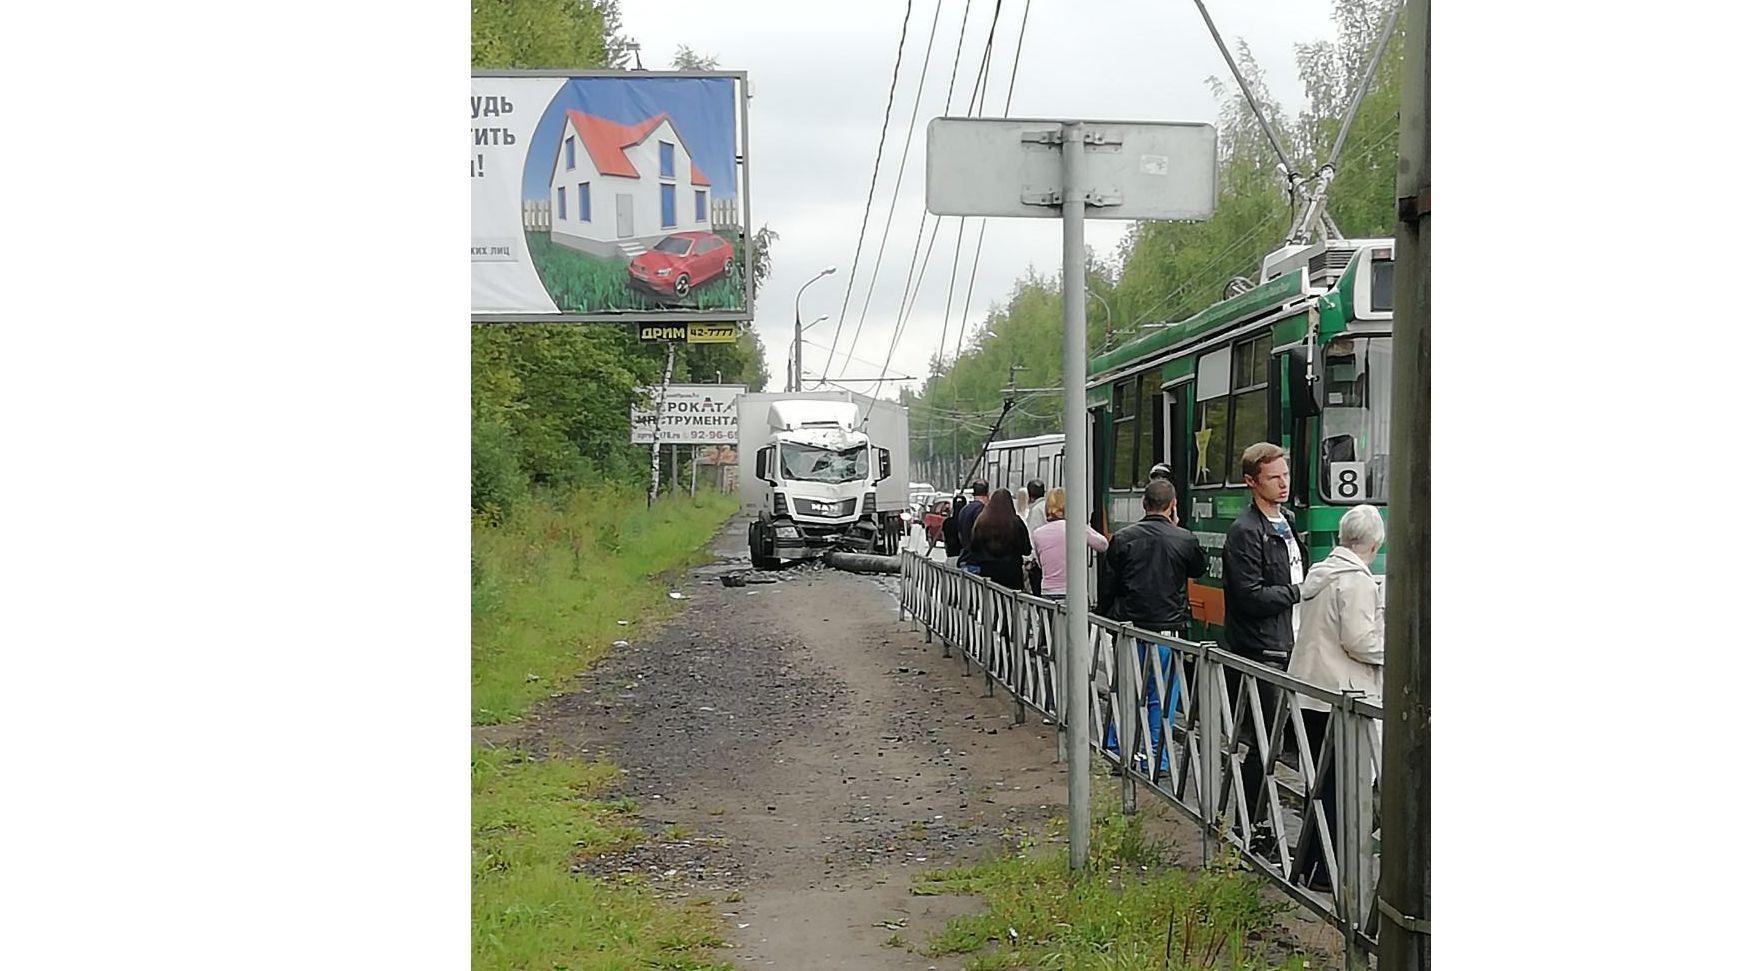 Транспорт встал: в Ярославле фура снесла столб контактной сети